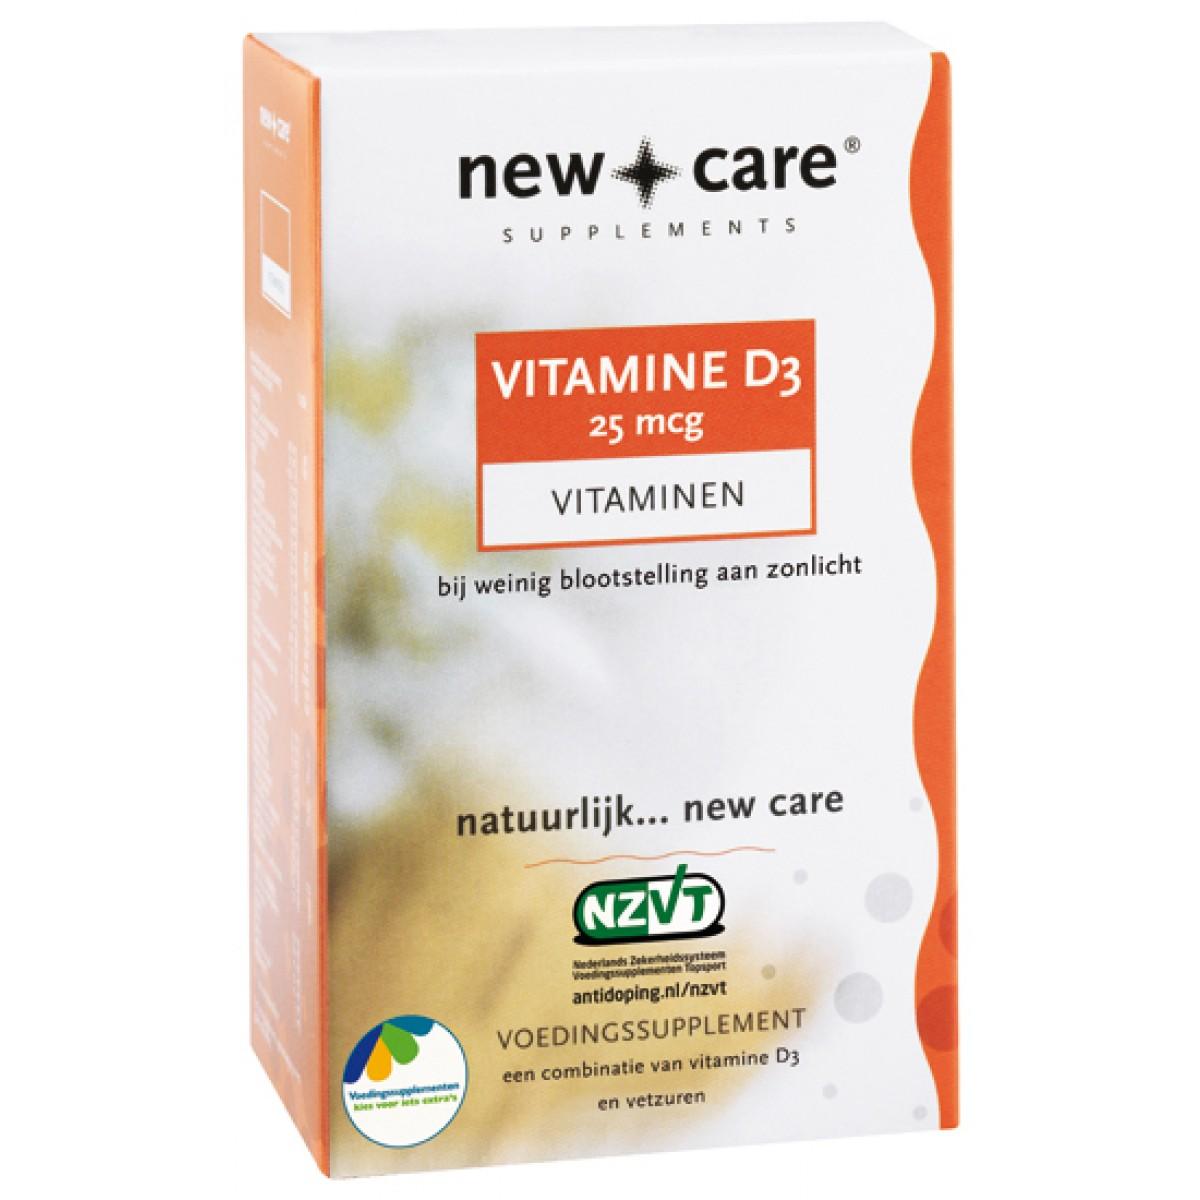 Vitamine D3 25MCG